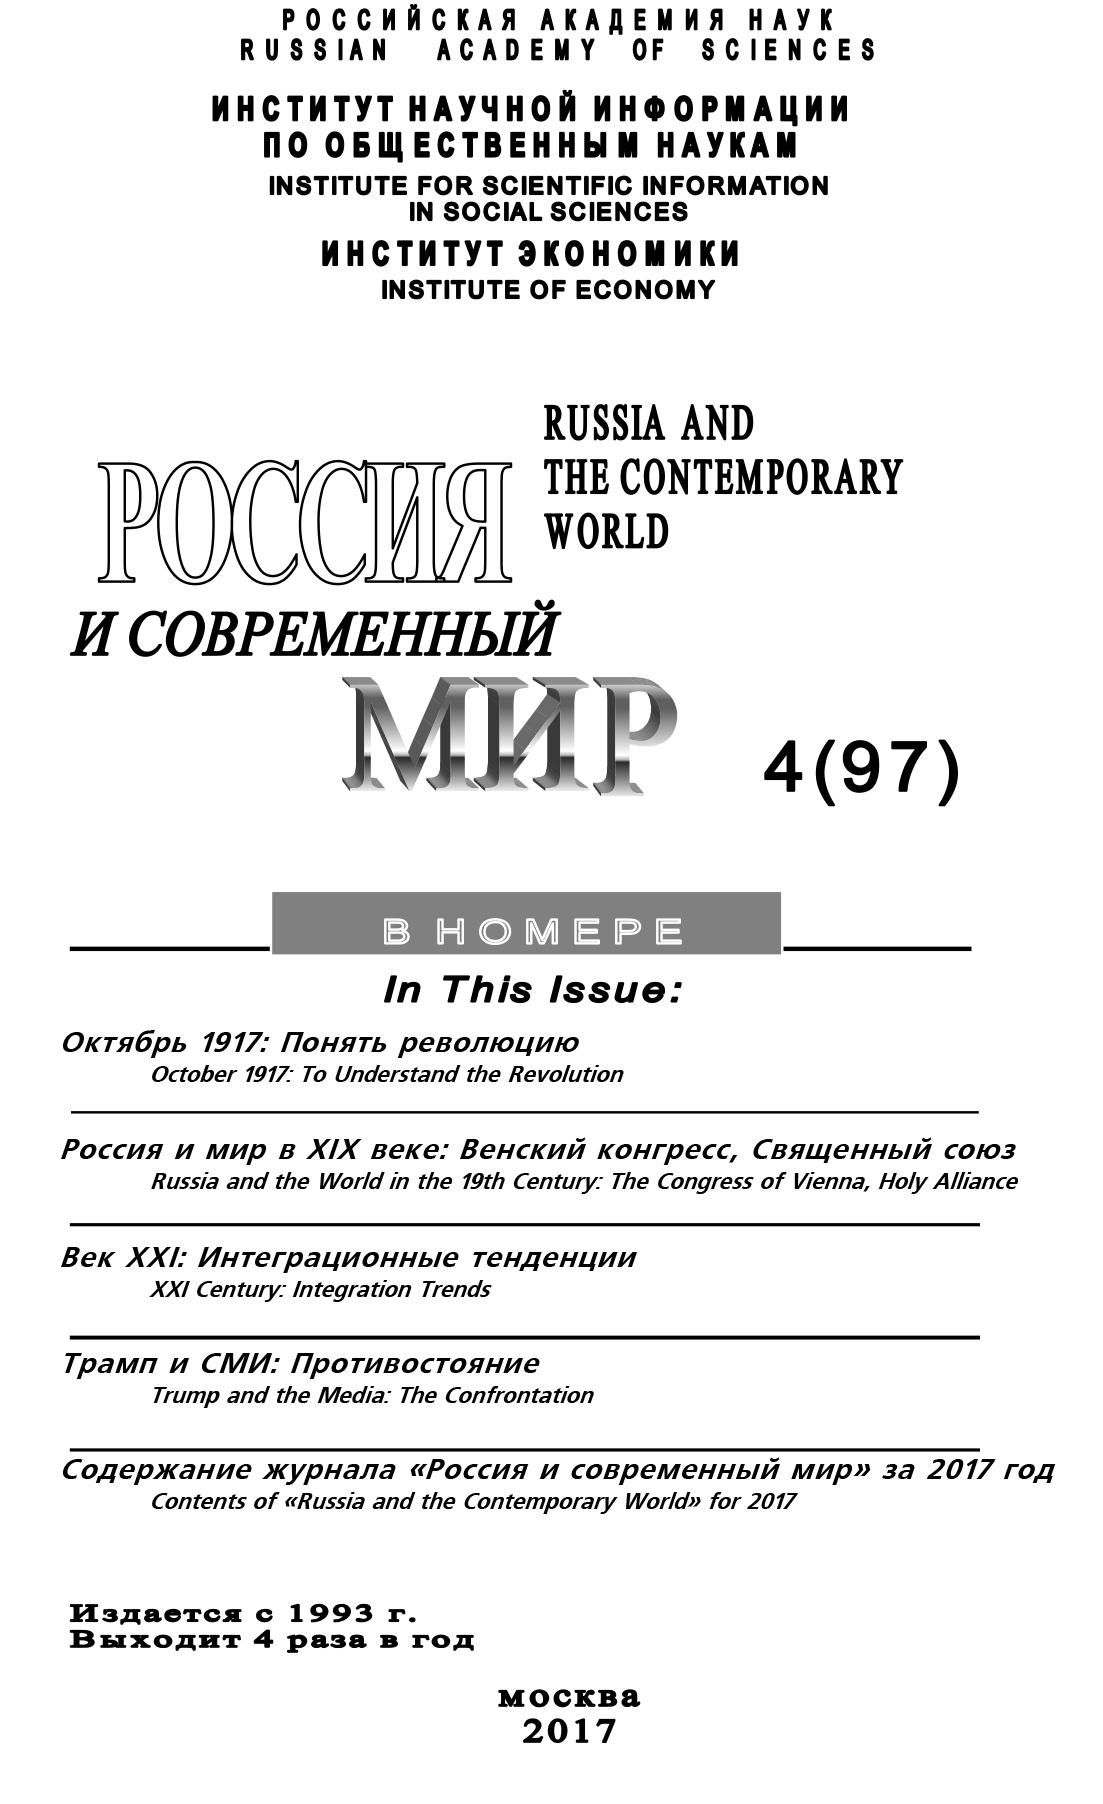 Россия и современный мир №4 / 2017